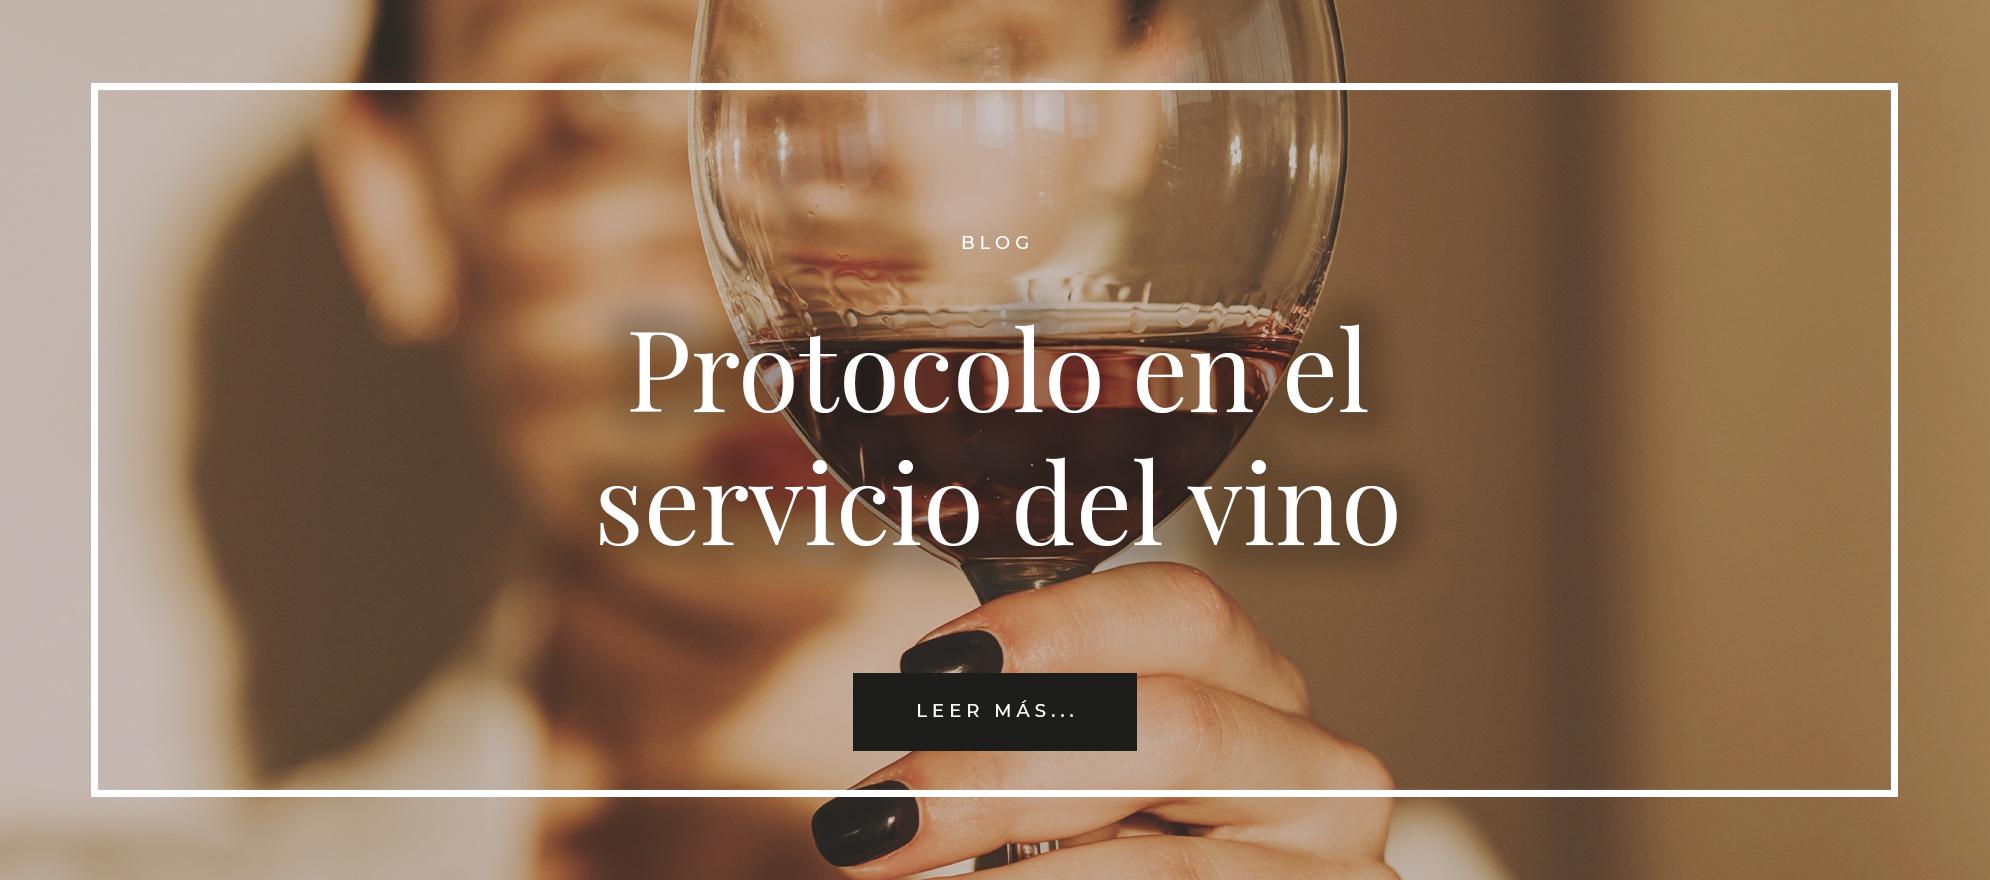 PROTOCOLO EN EL SERVICIO DE VINO